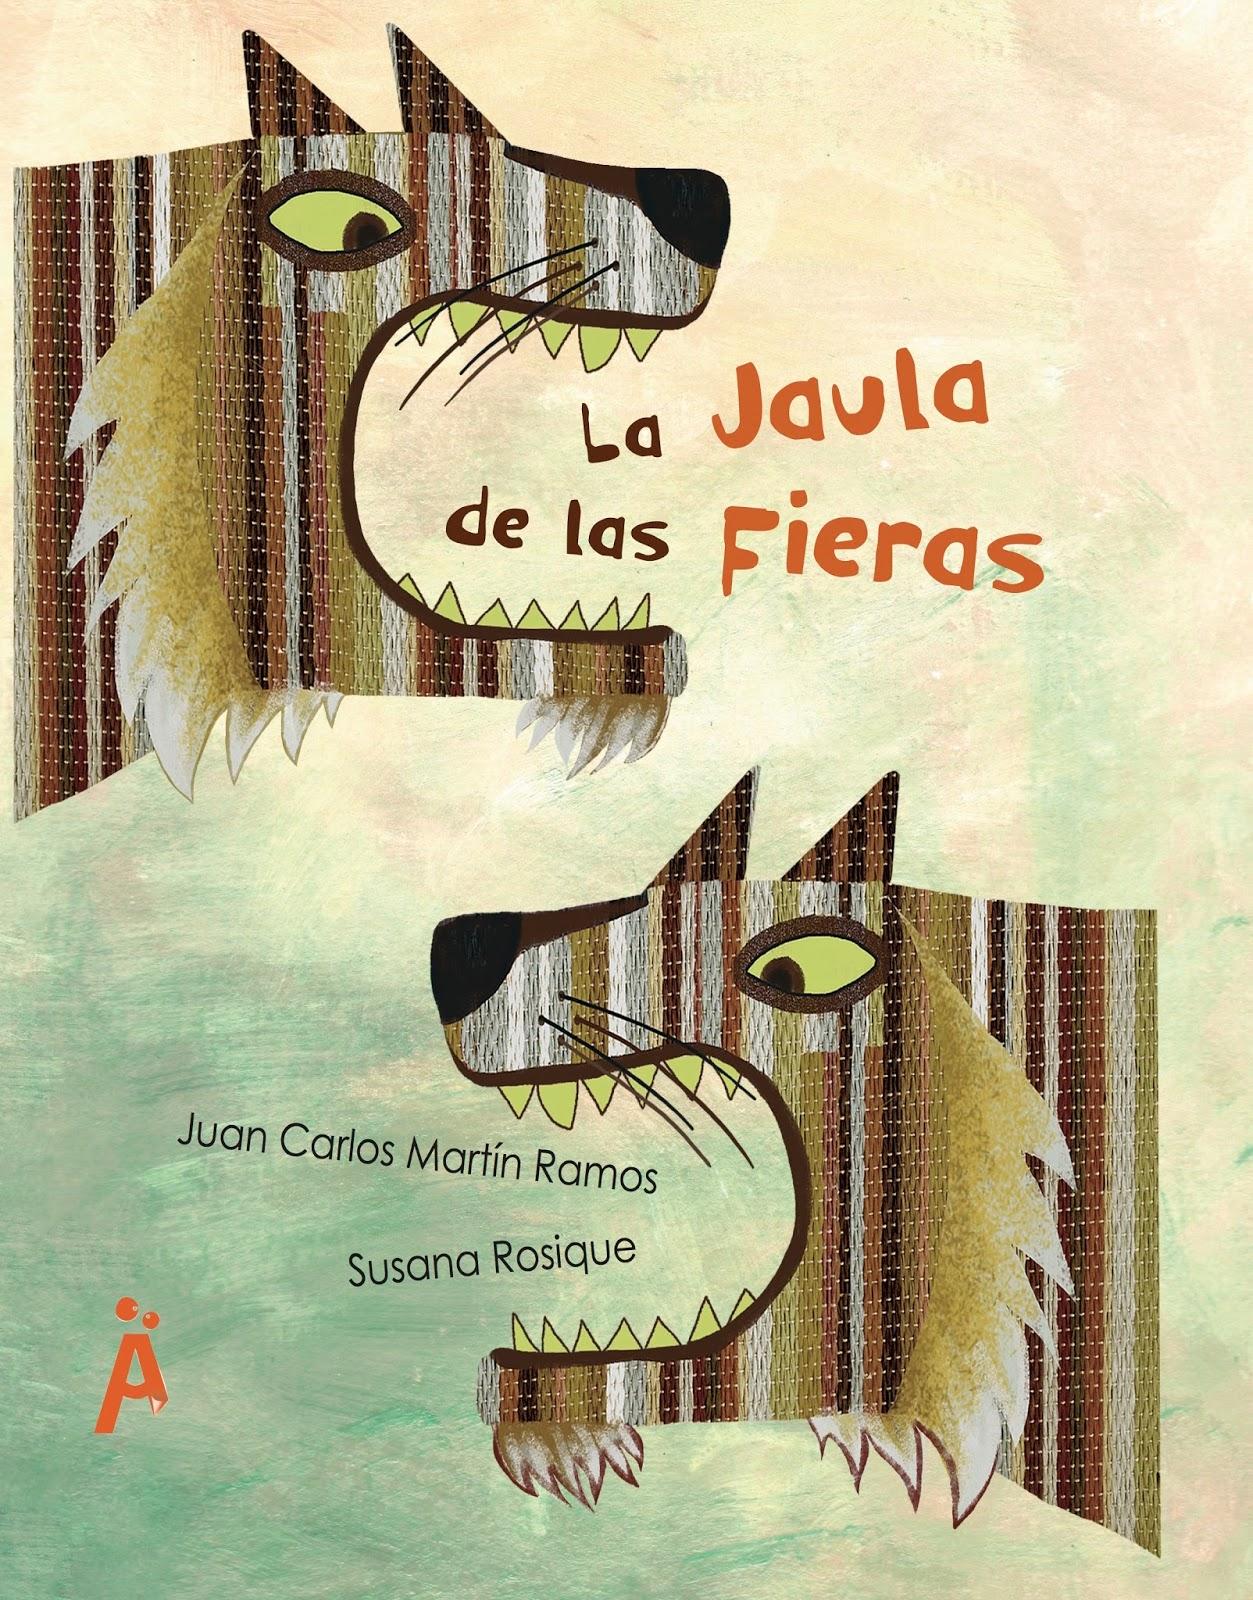 La jaula de lasfieras de Juan Carlos MartínRamos y Susana